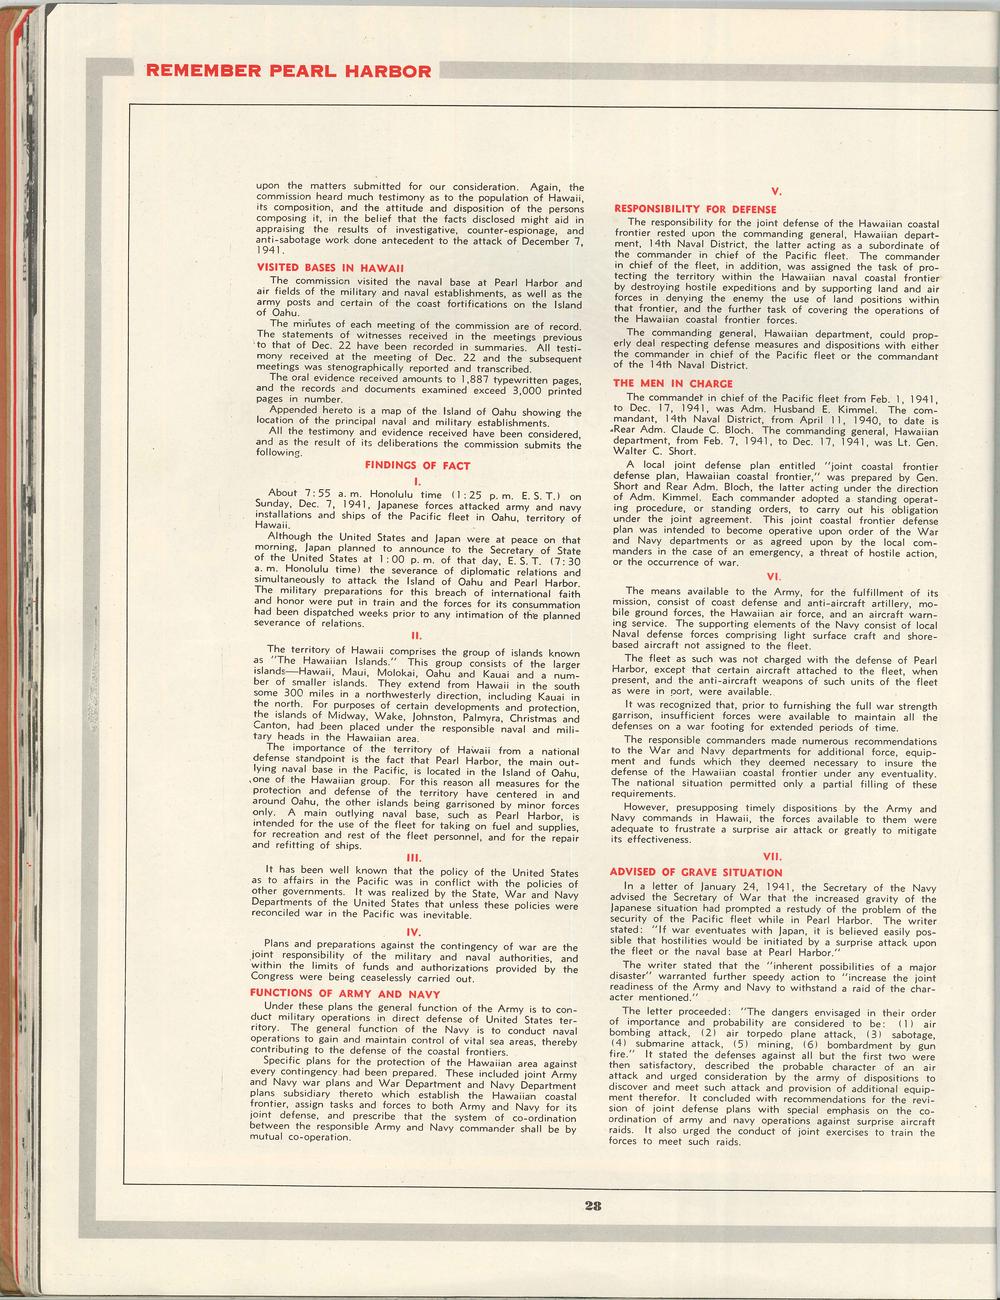 02 Pearl Harbor Report Pg 28.png